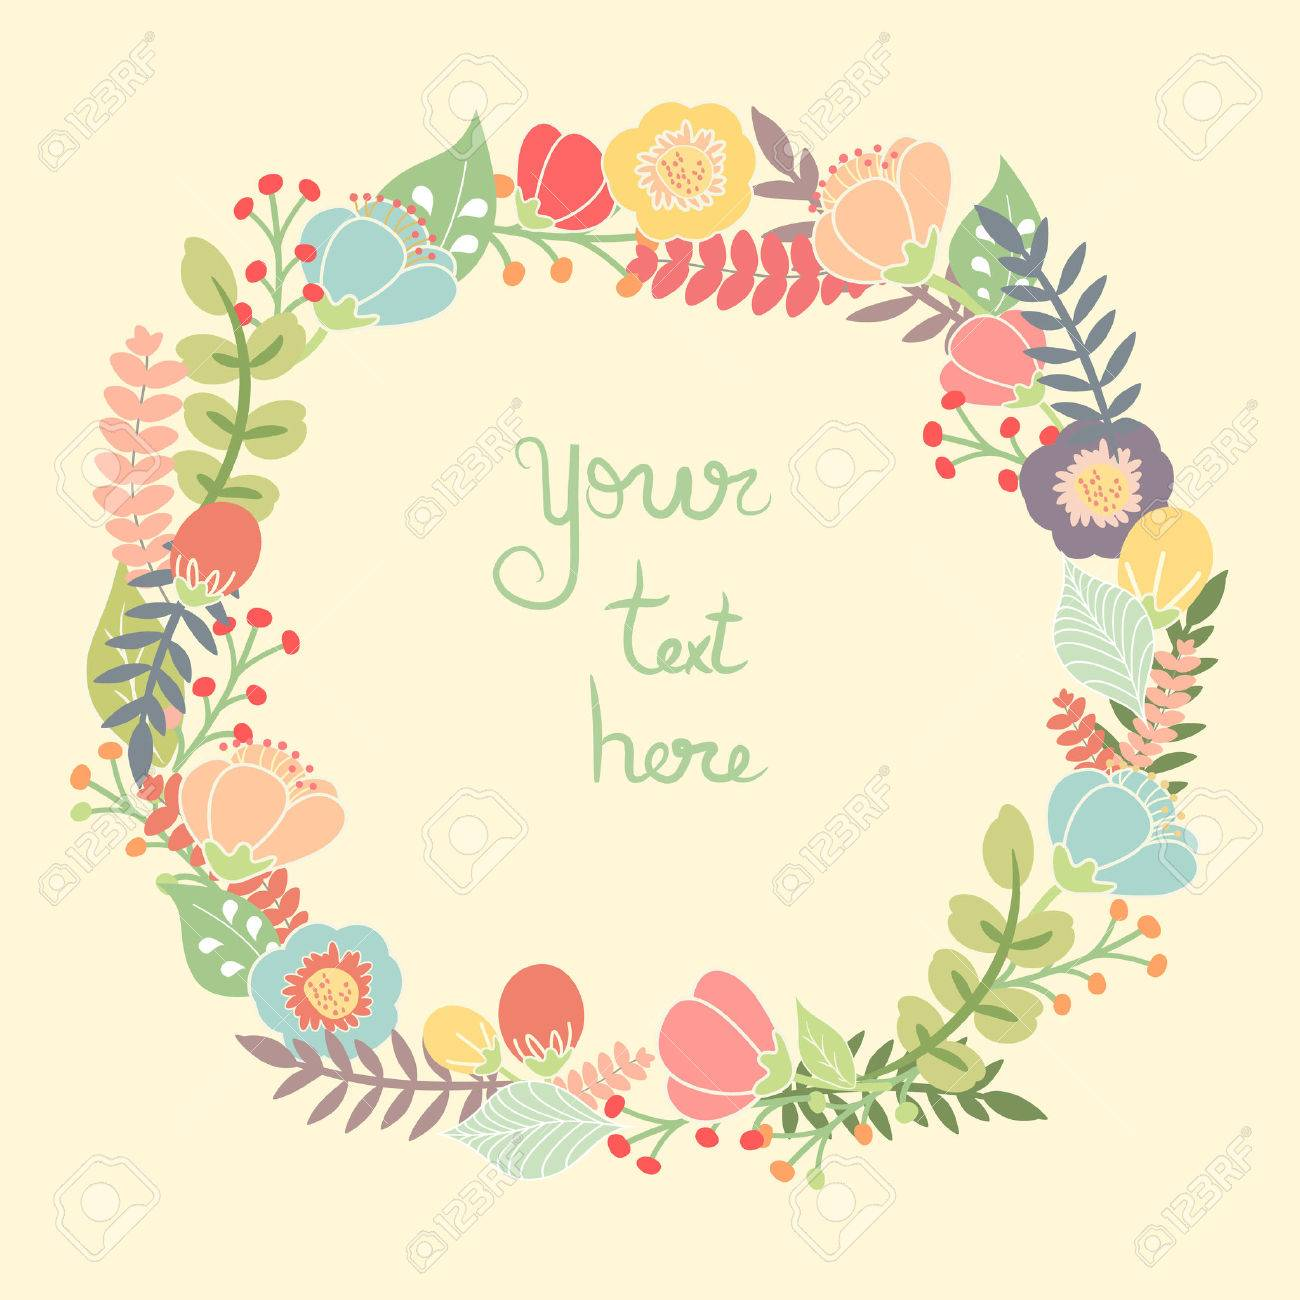 花の花輪を持つ美しいグリーティング カード。明るいイラスト カード、結婚式、誕生日および他の休日とかわいい夏背景の招待状の作成として使用できます。